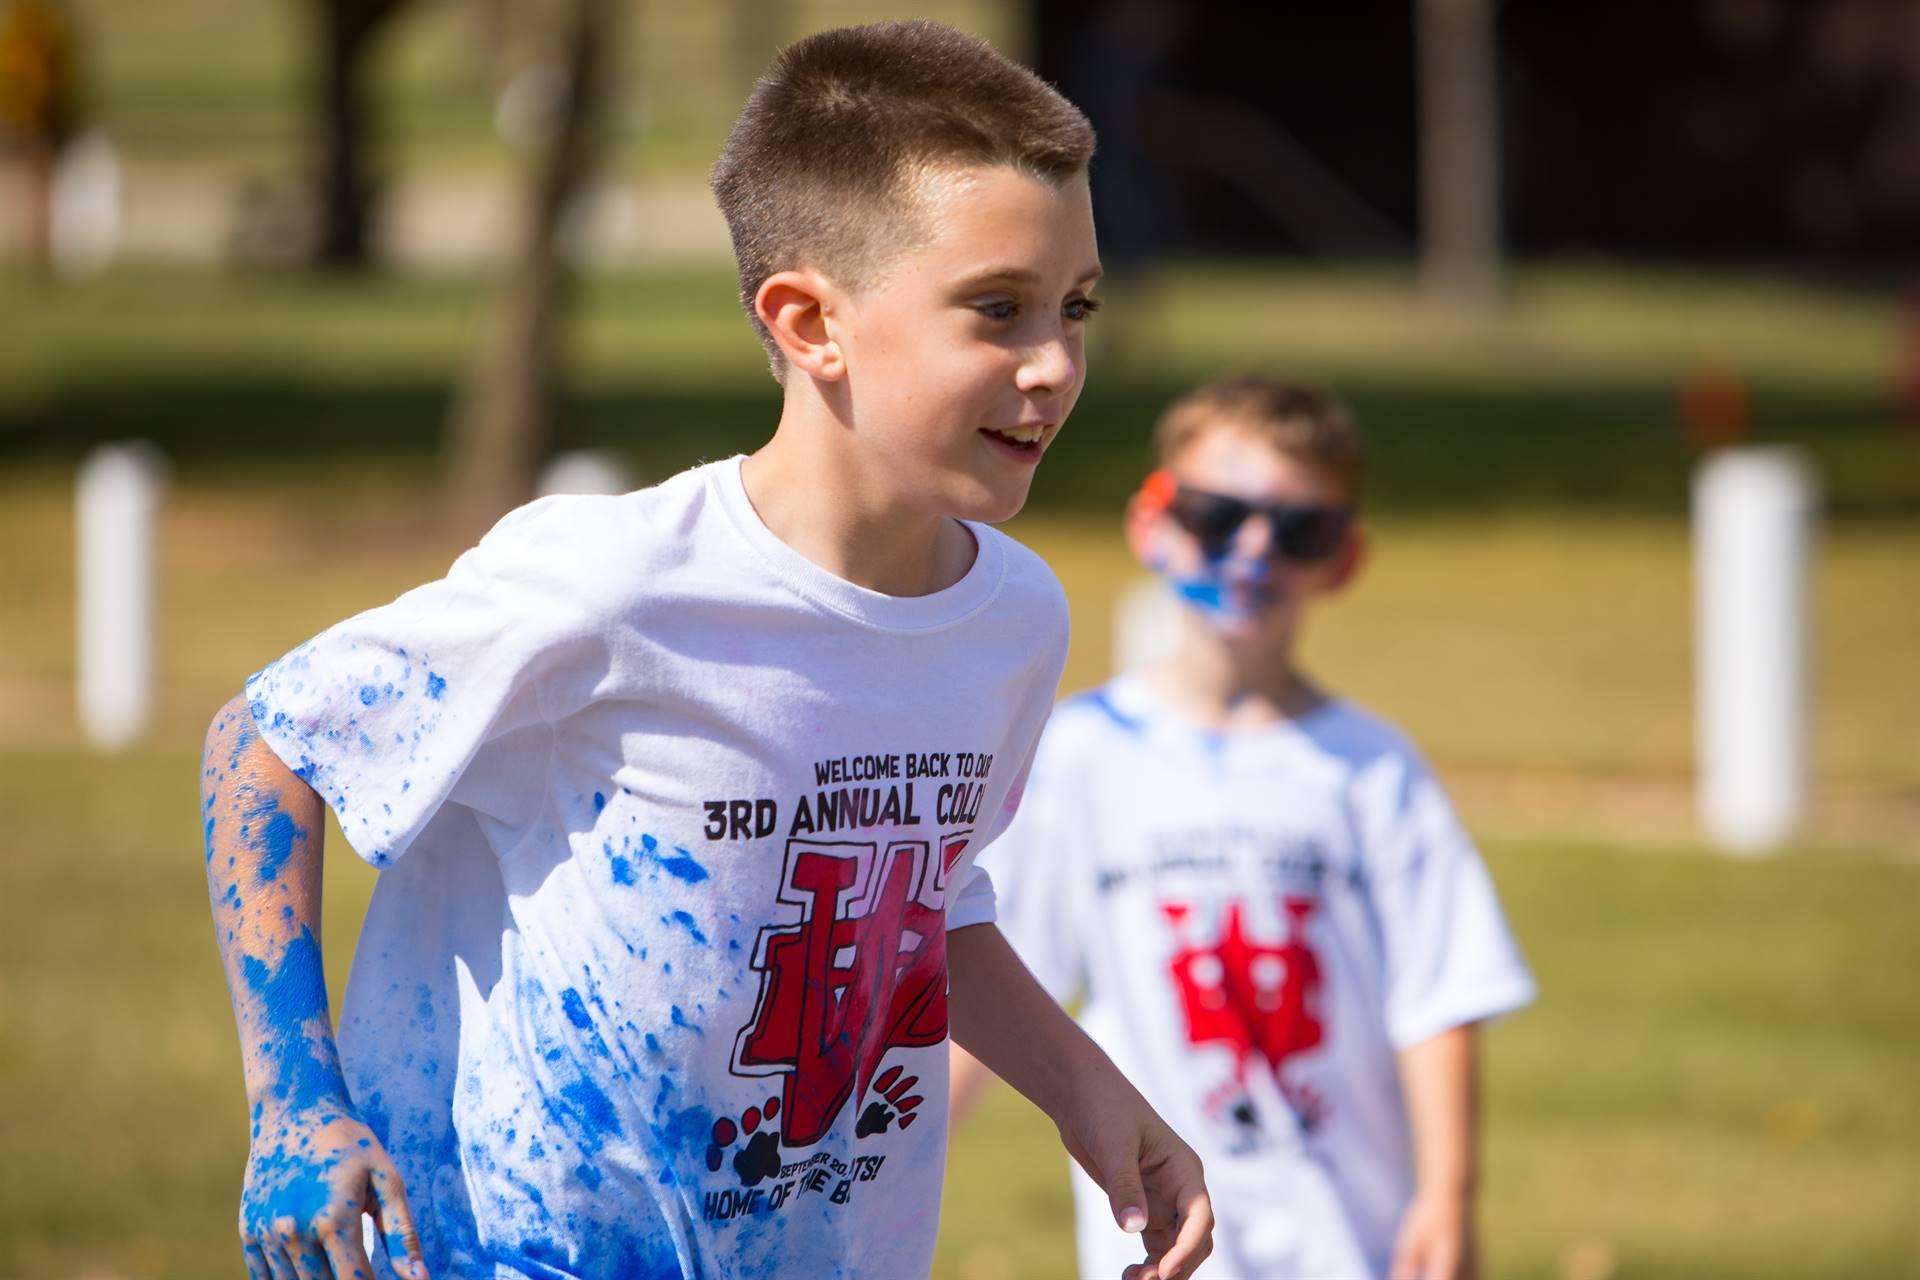 boy 6 at color run